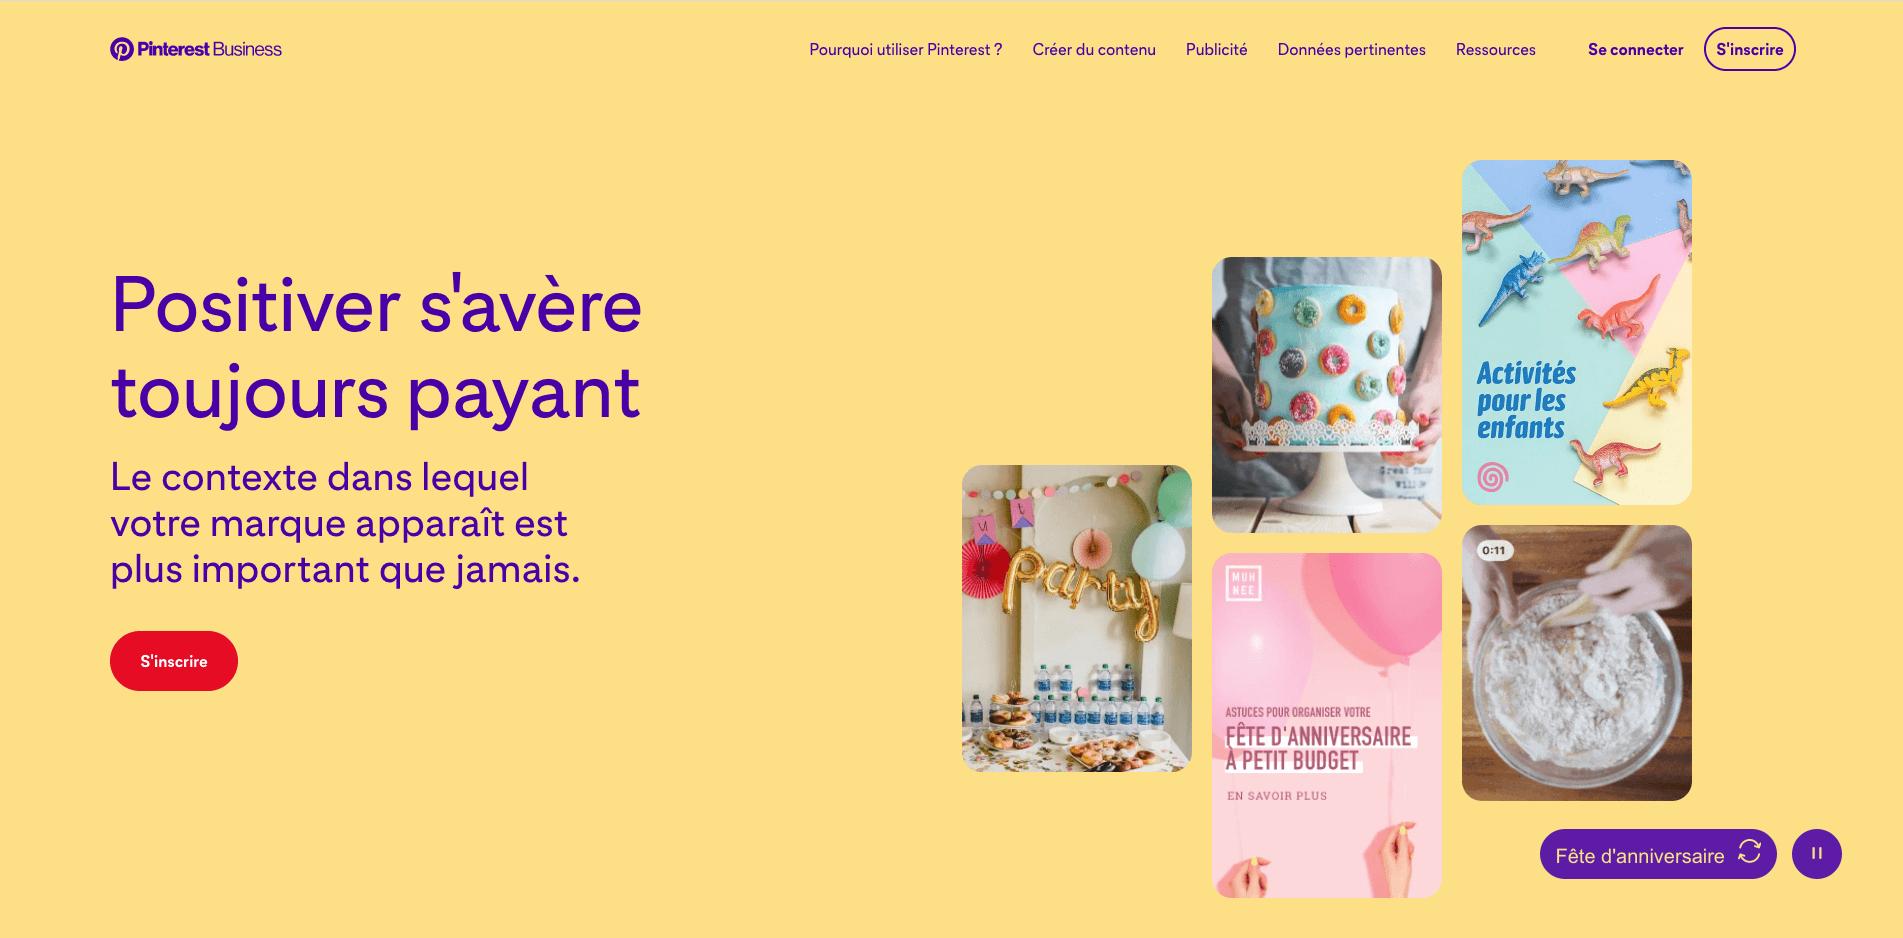 page d'accueil du site de l'outil de curation Pinterest